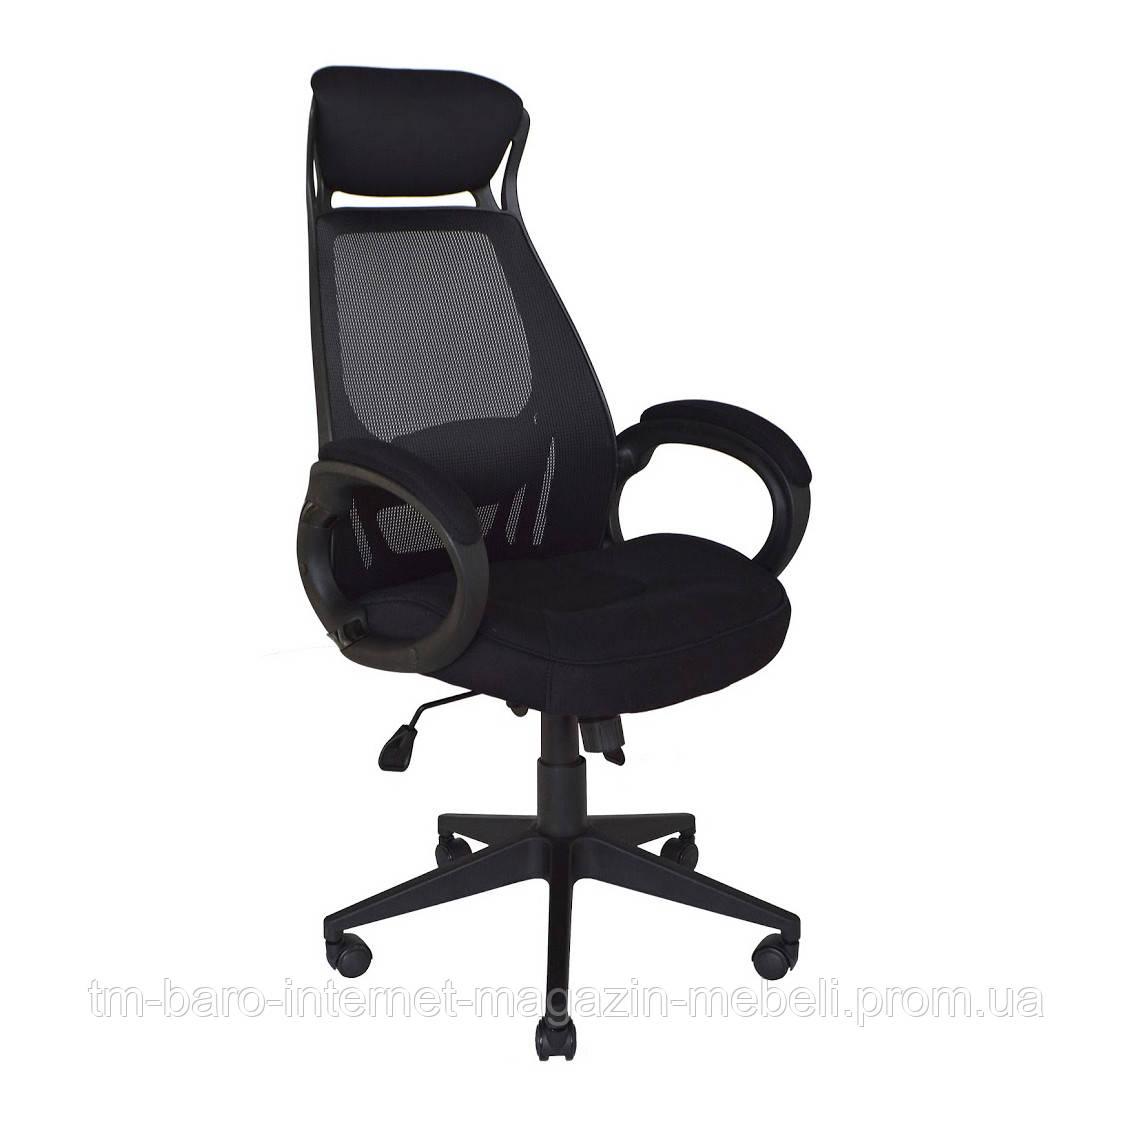 Кресло Дакар РХ черный, Richman